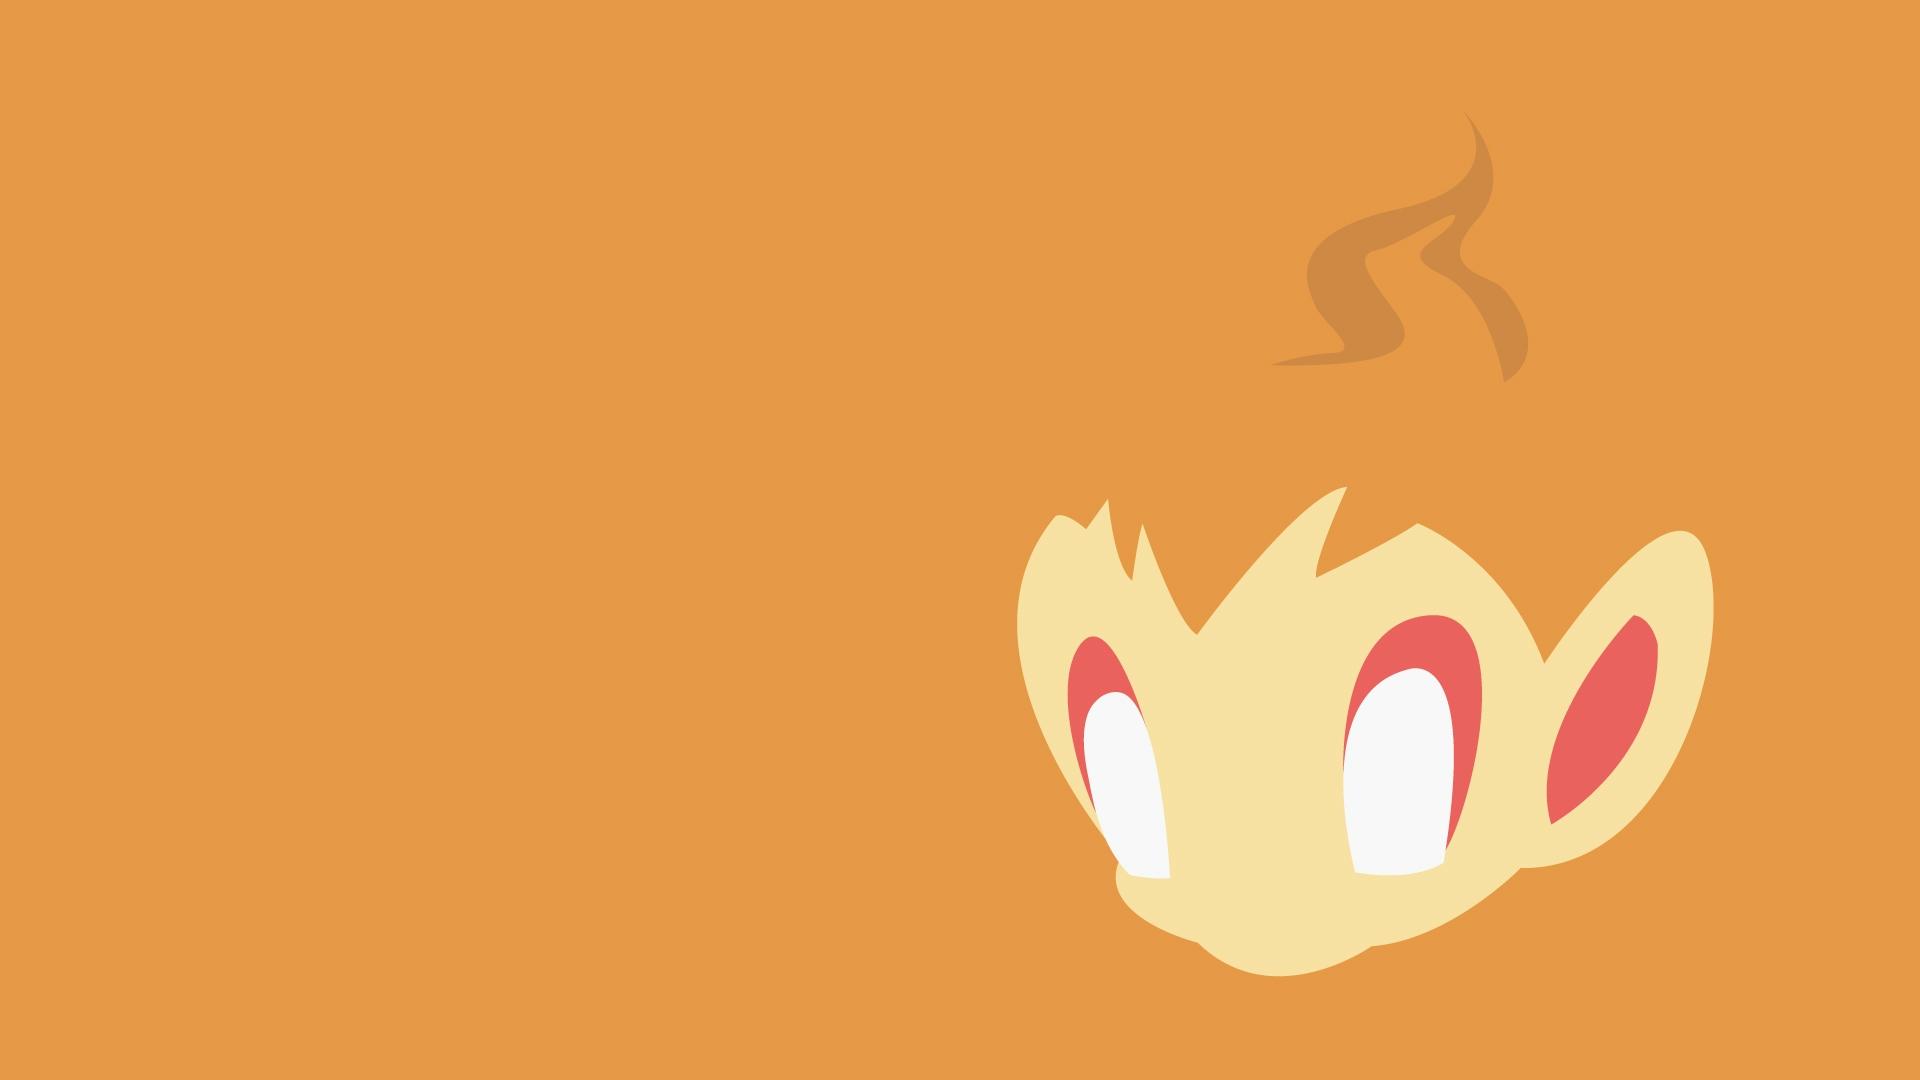 Pokemon wallpaper 30